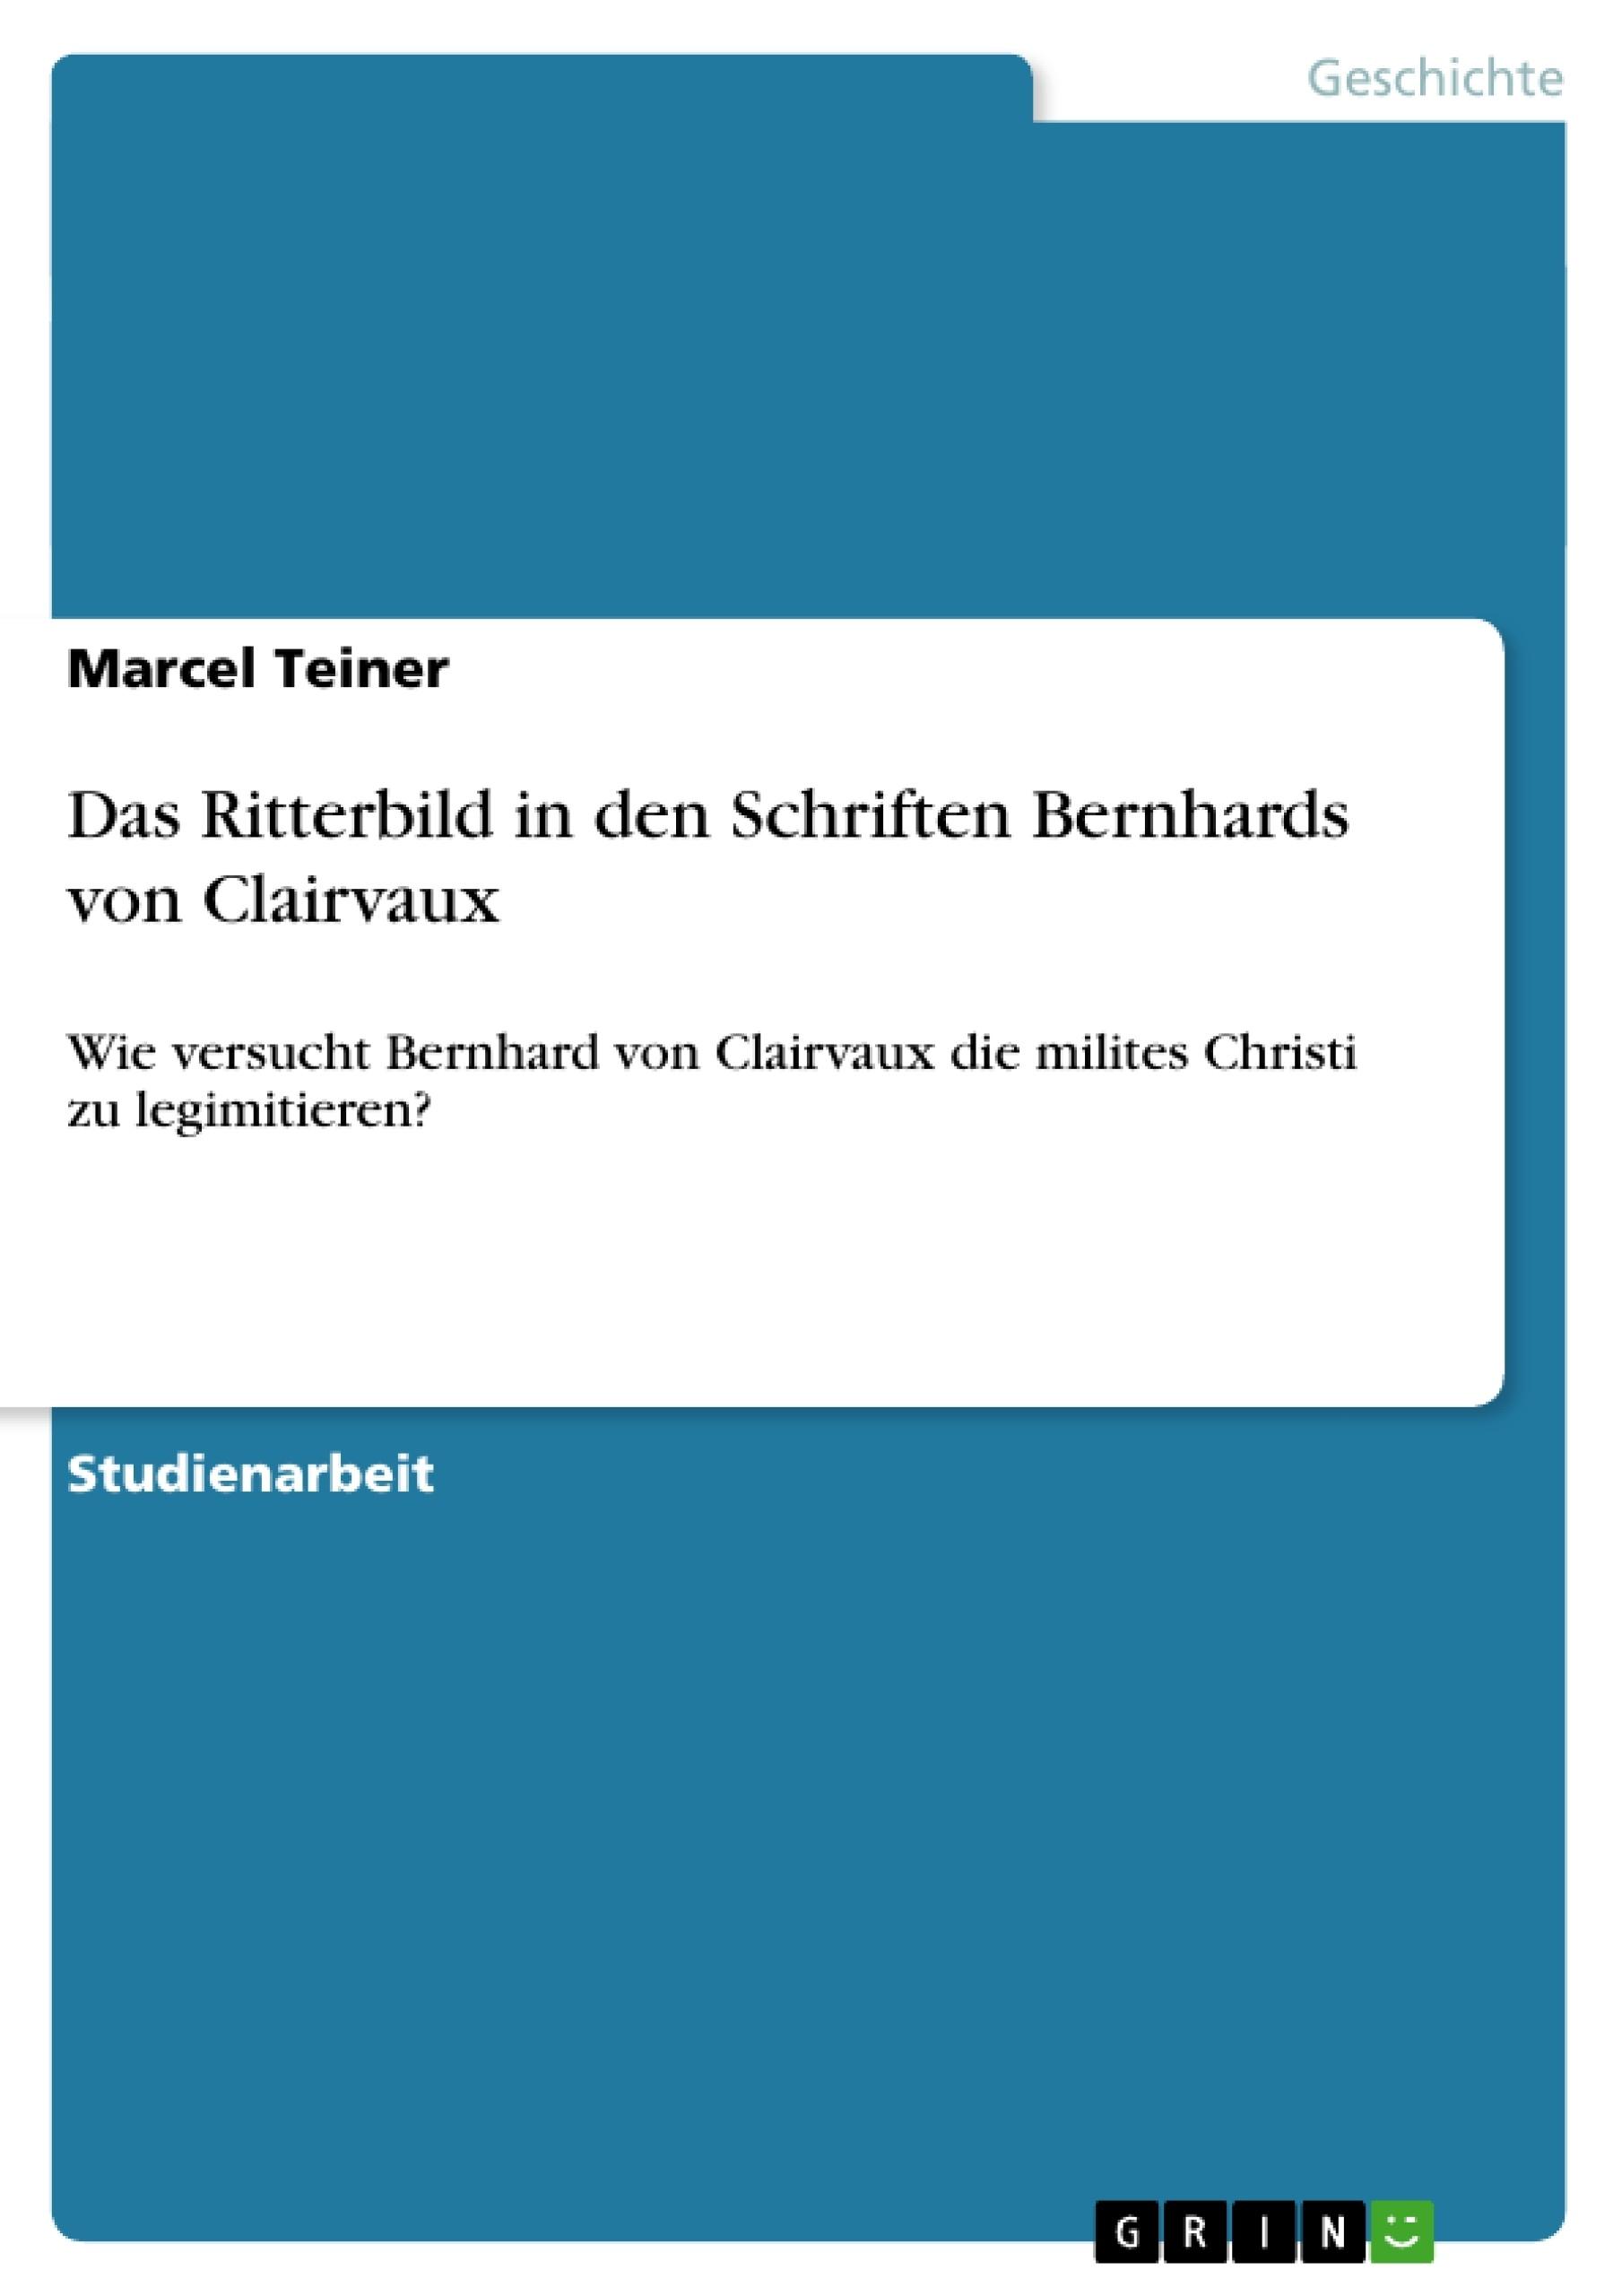 Titel: Das Ritterbild in den Schriften Bernhards von Clairvaux